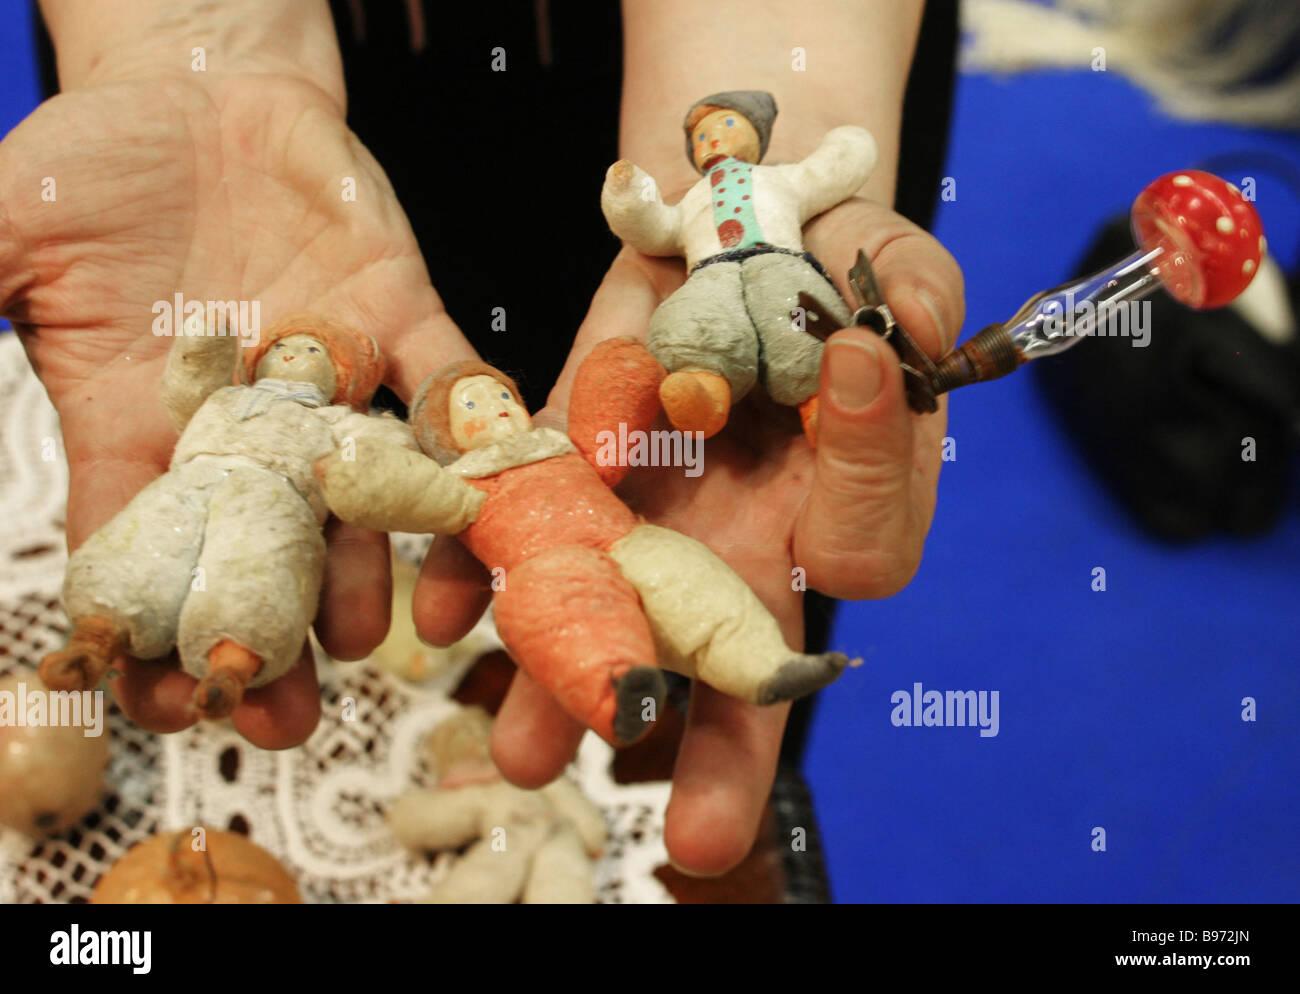 Cerámica árbol X mas juguetes en exhibición en el árbol Exhibiition de X mas juguetes creados Imagen De Stock